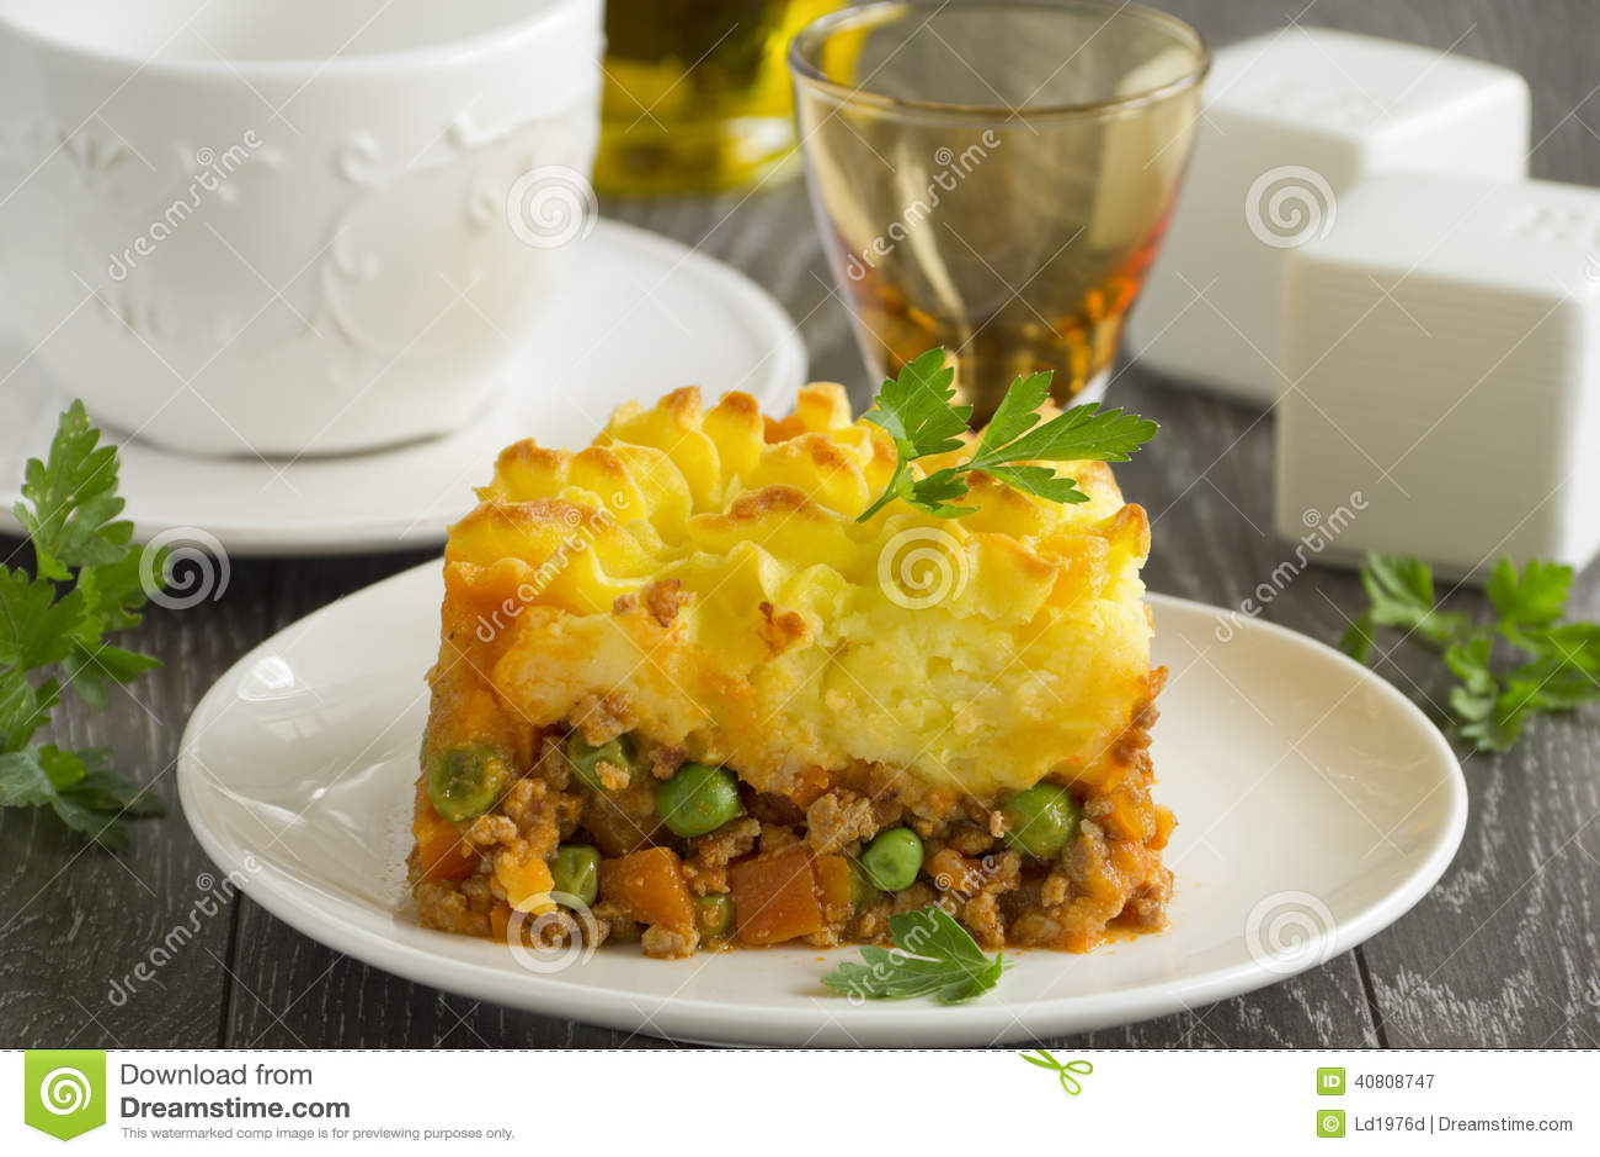 Torta Di Carne, Cucina Inglese Immagine Stock - Immagine: 40808747